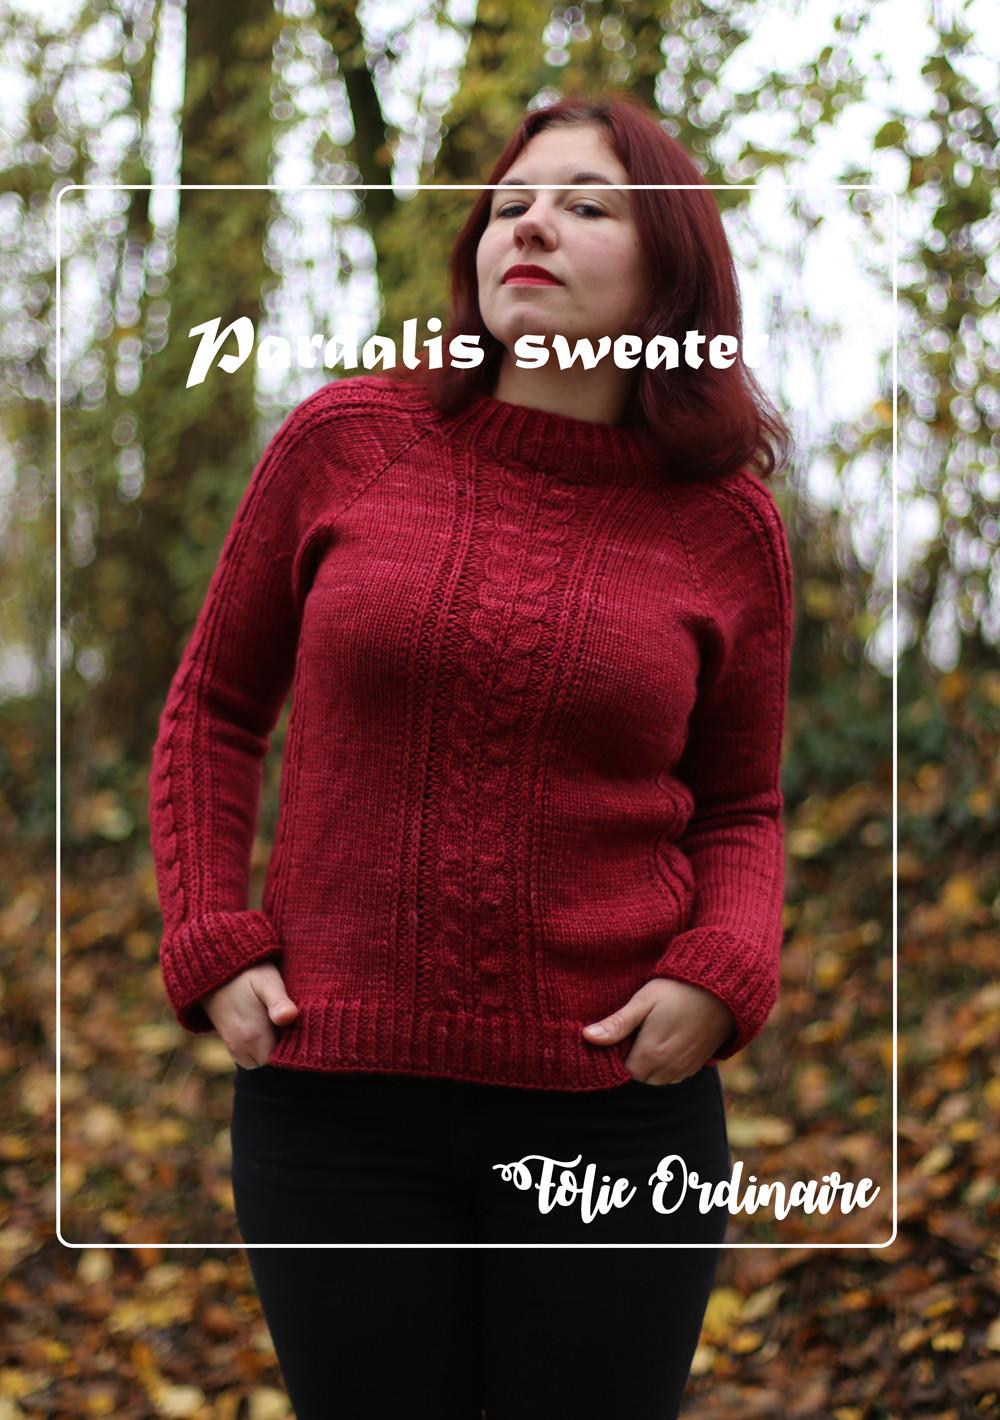 Pull torsade Pardalis - Tricot femme par Folie 0rdinaire Design